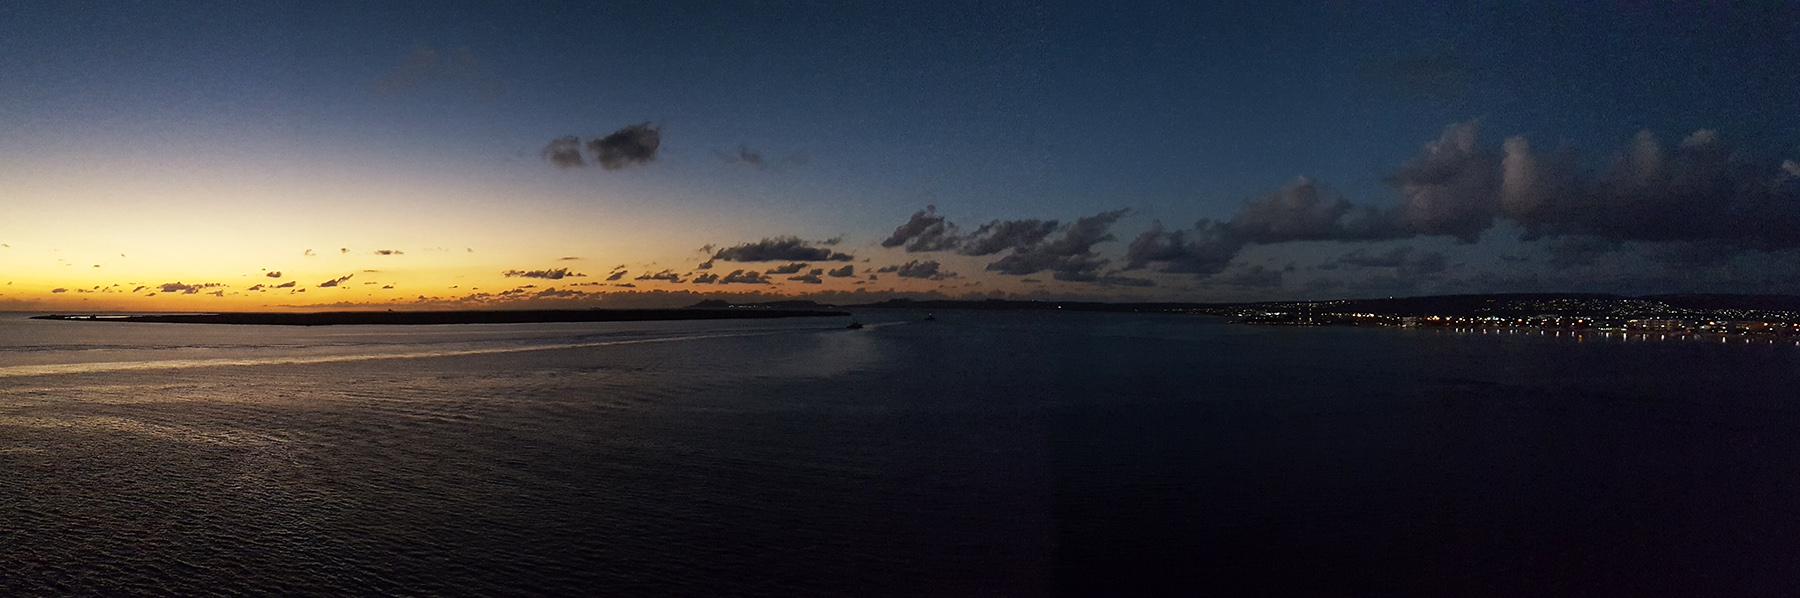 Kreuzfahrt Sonnenuntergang Meer